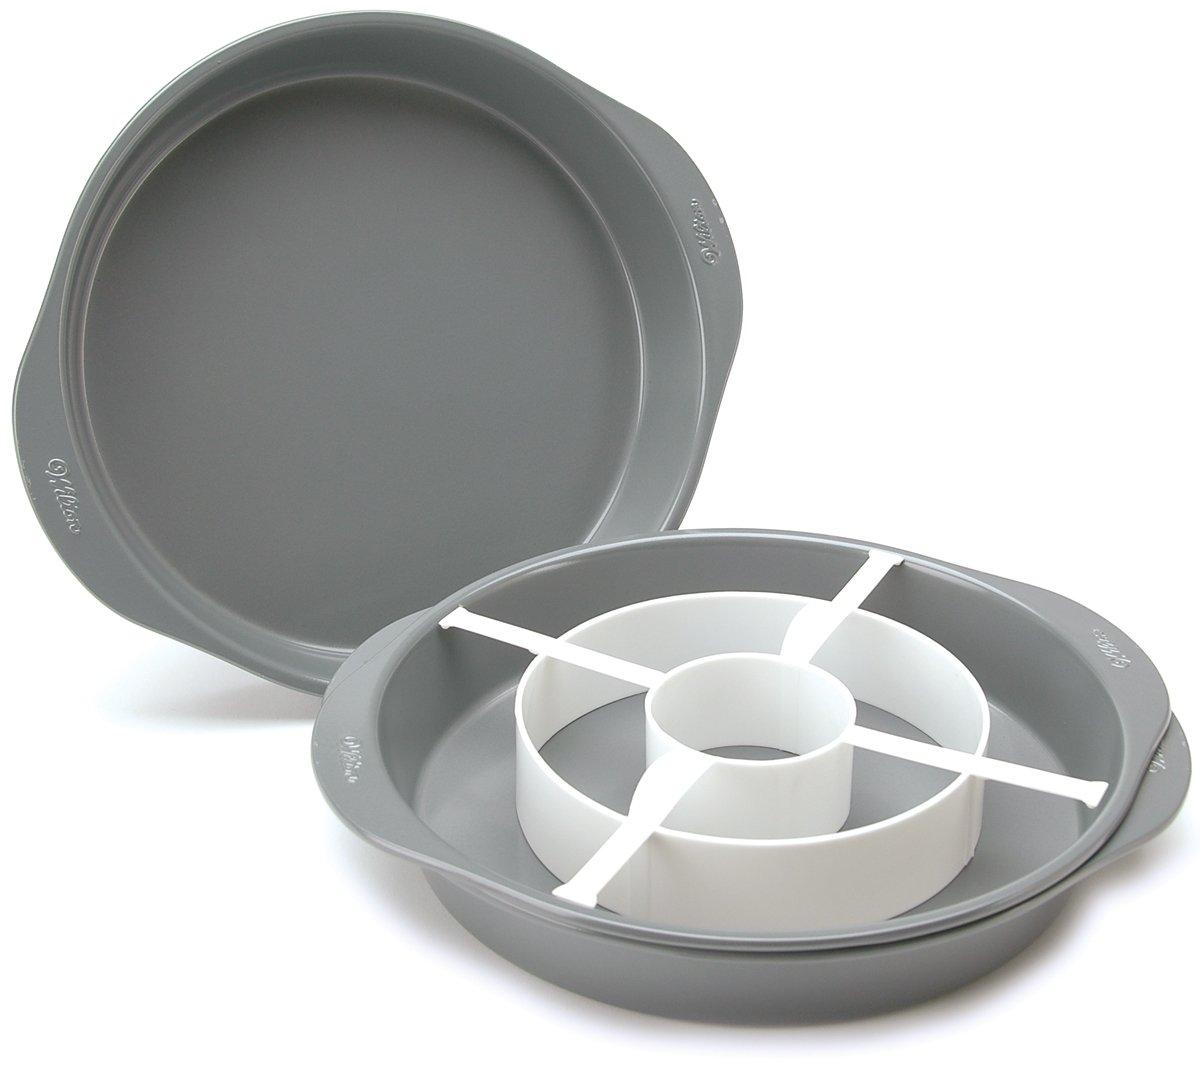 Wilton backformen-Set f/ür Runde Schachbrettkuchen 4-Teilig